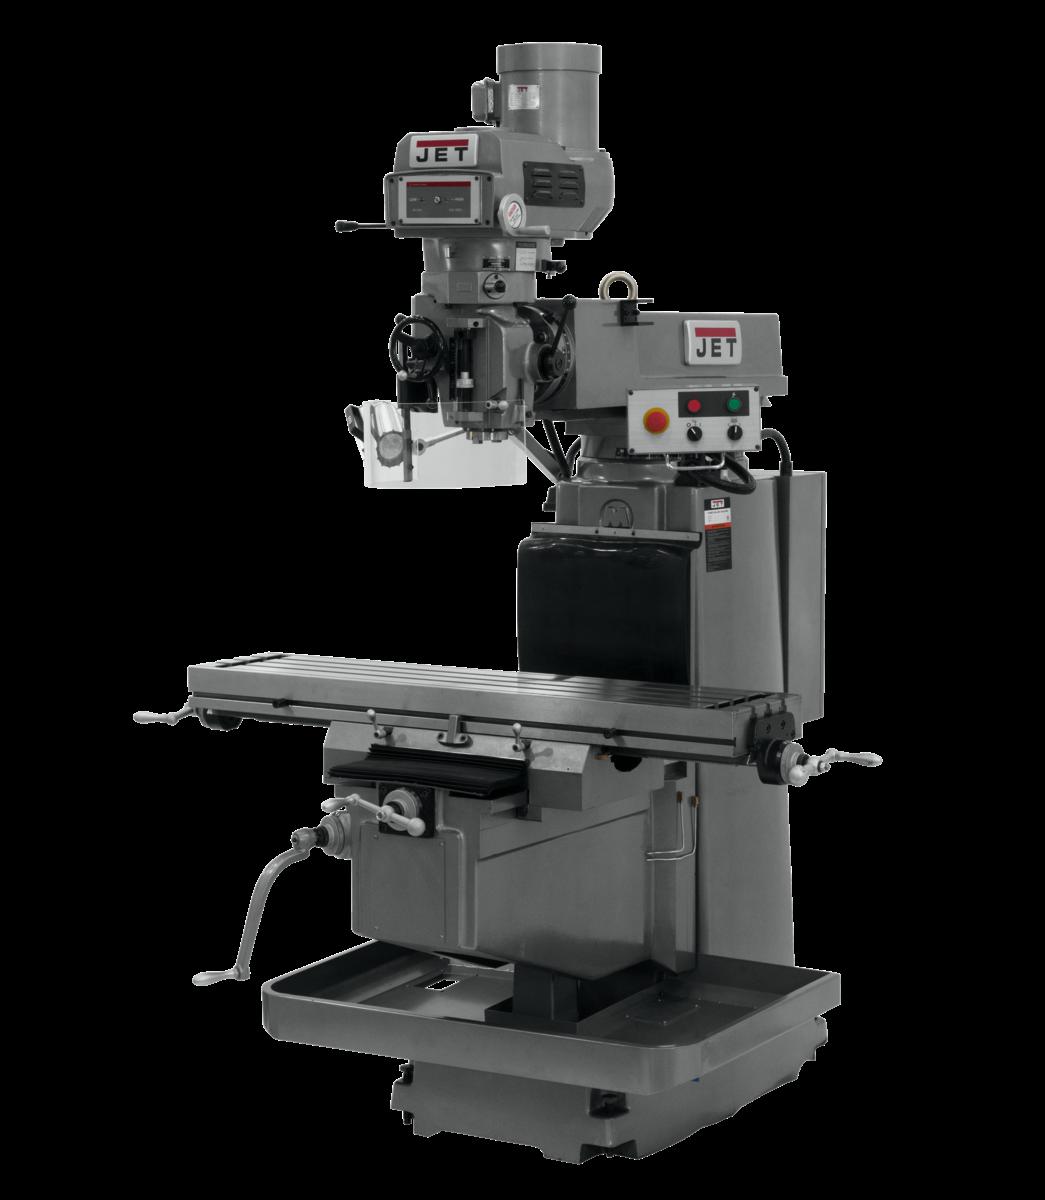 JTM-1254VS Variable Speed Vertical Mill Machine 230/460V, 3Ph